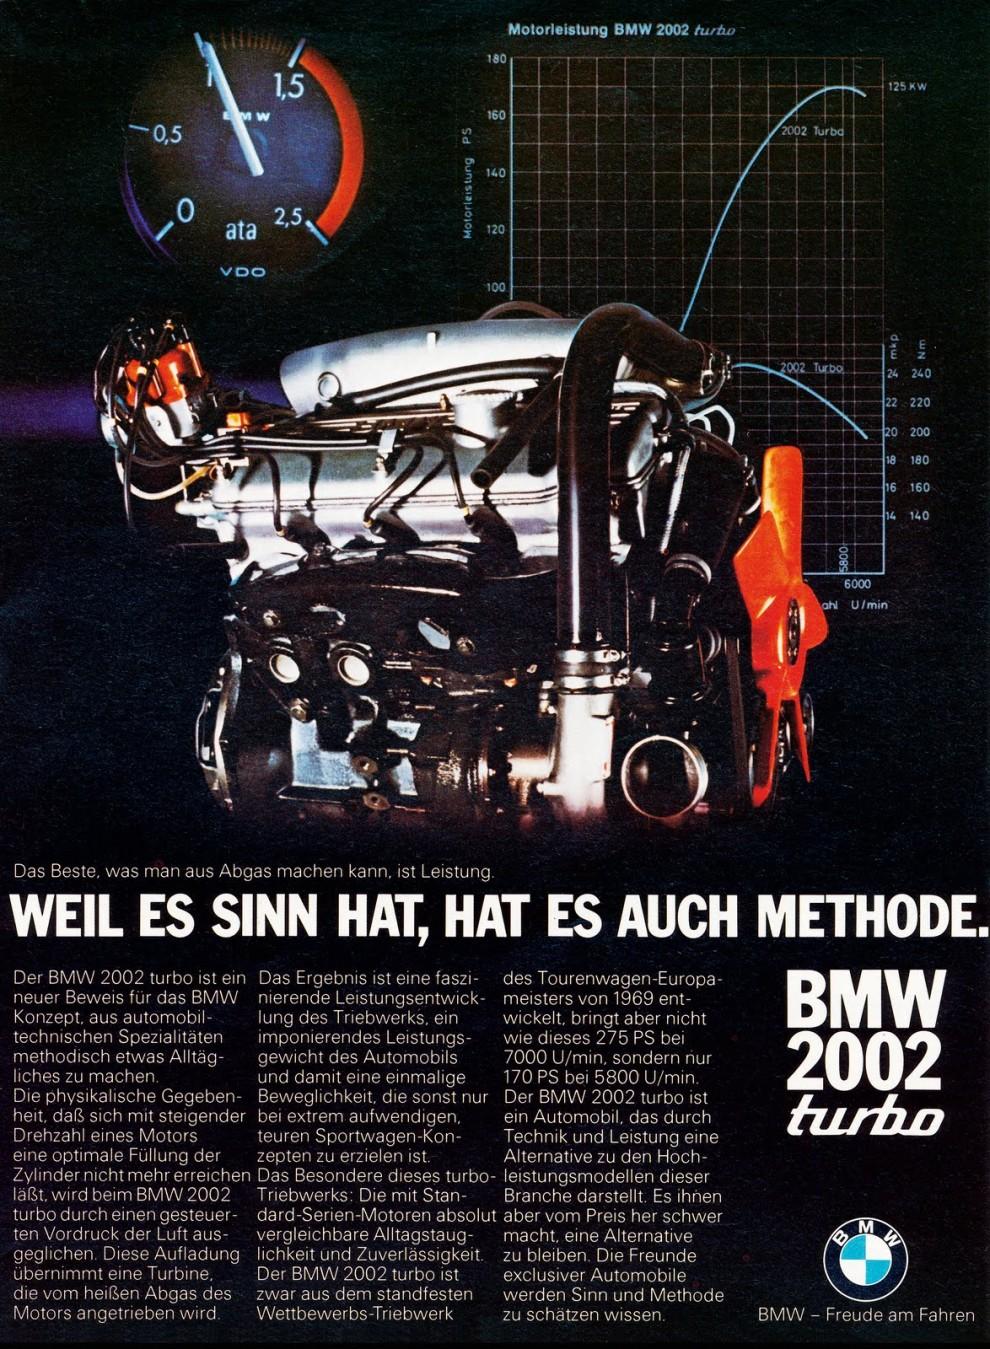 För dom som inte hade kunnat köpa den håriga 2002 Turbo när den kom 1973, så erbjöds ett konvertingskit för 02 på eftermarknaden.